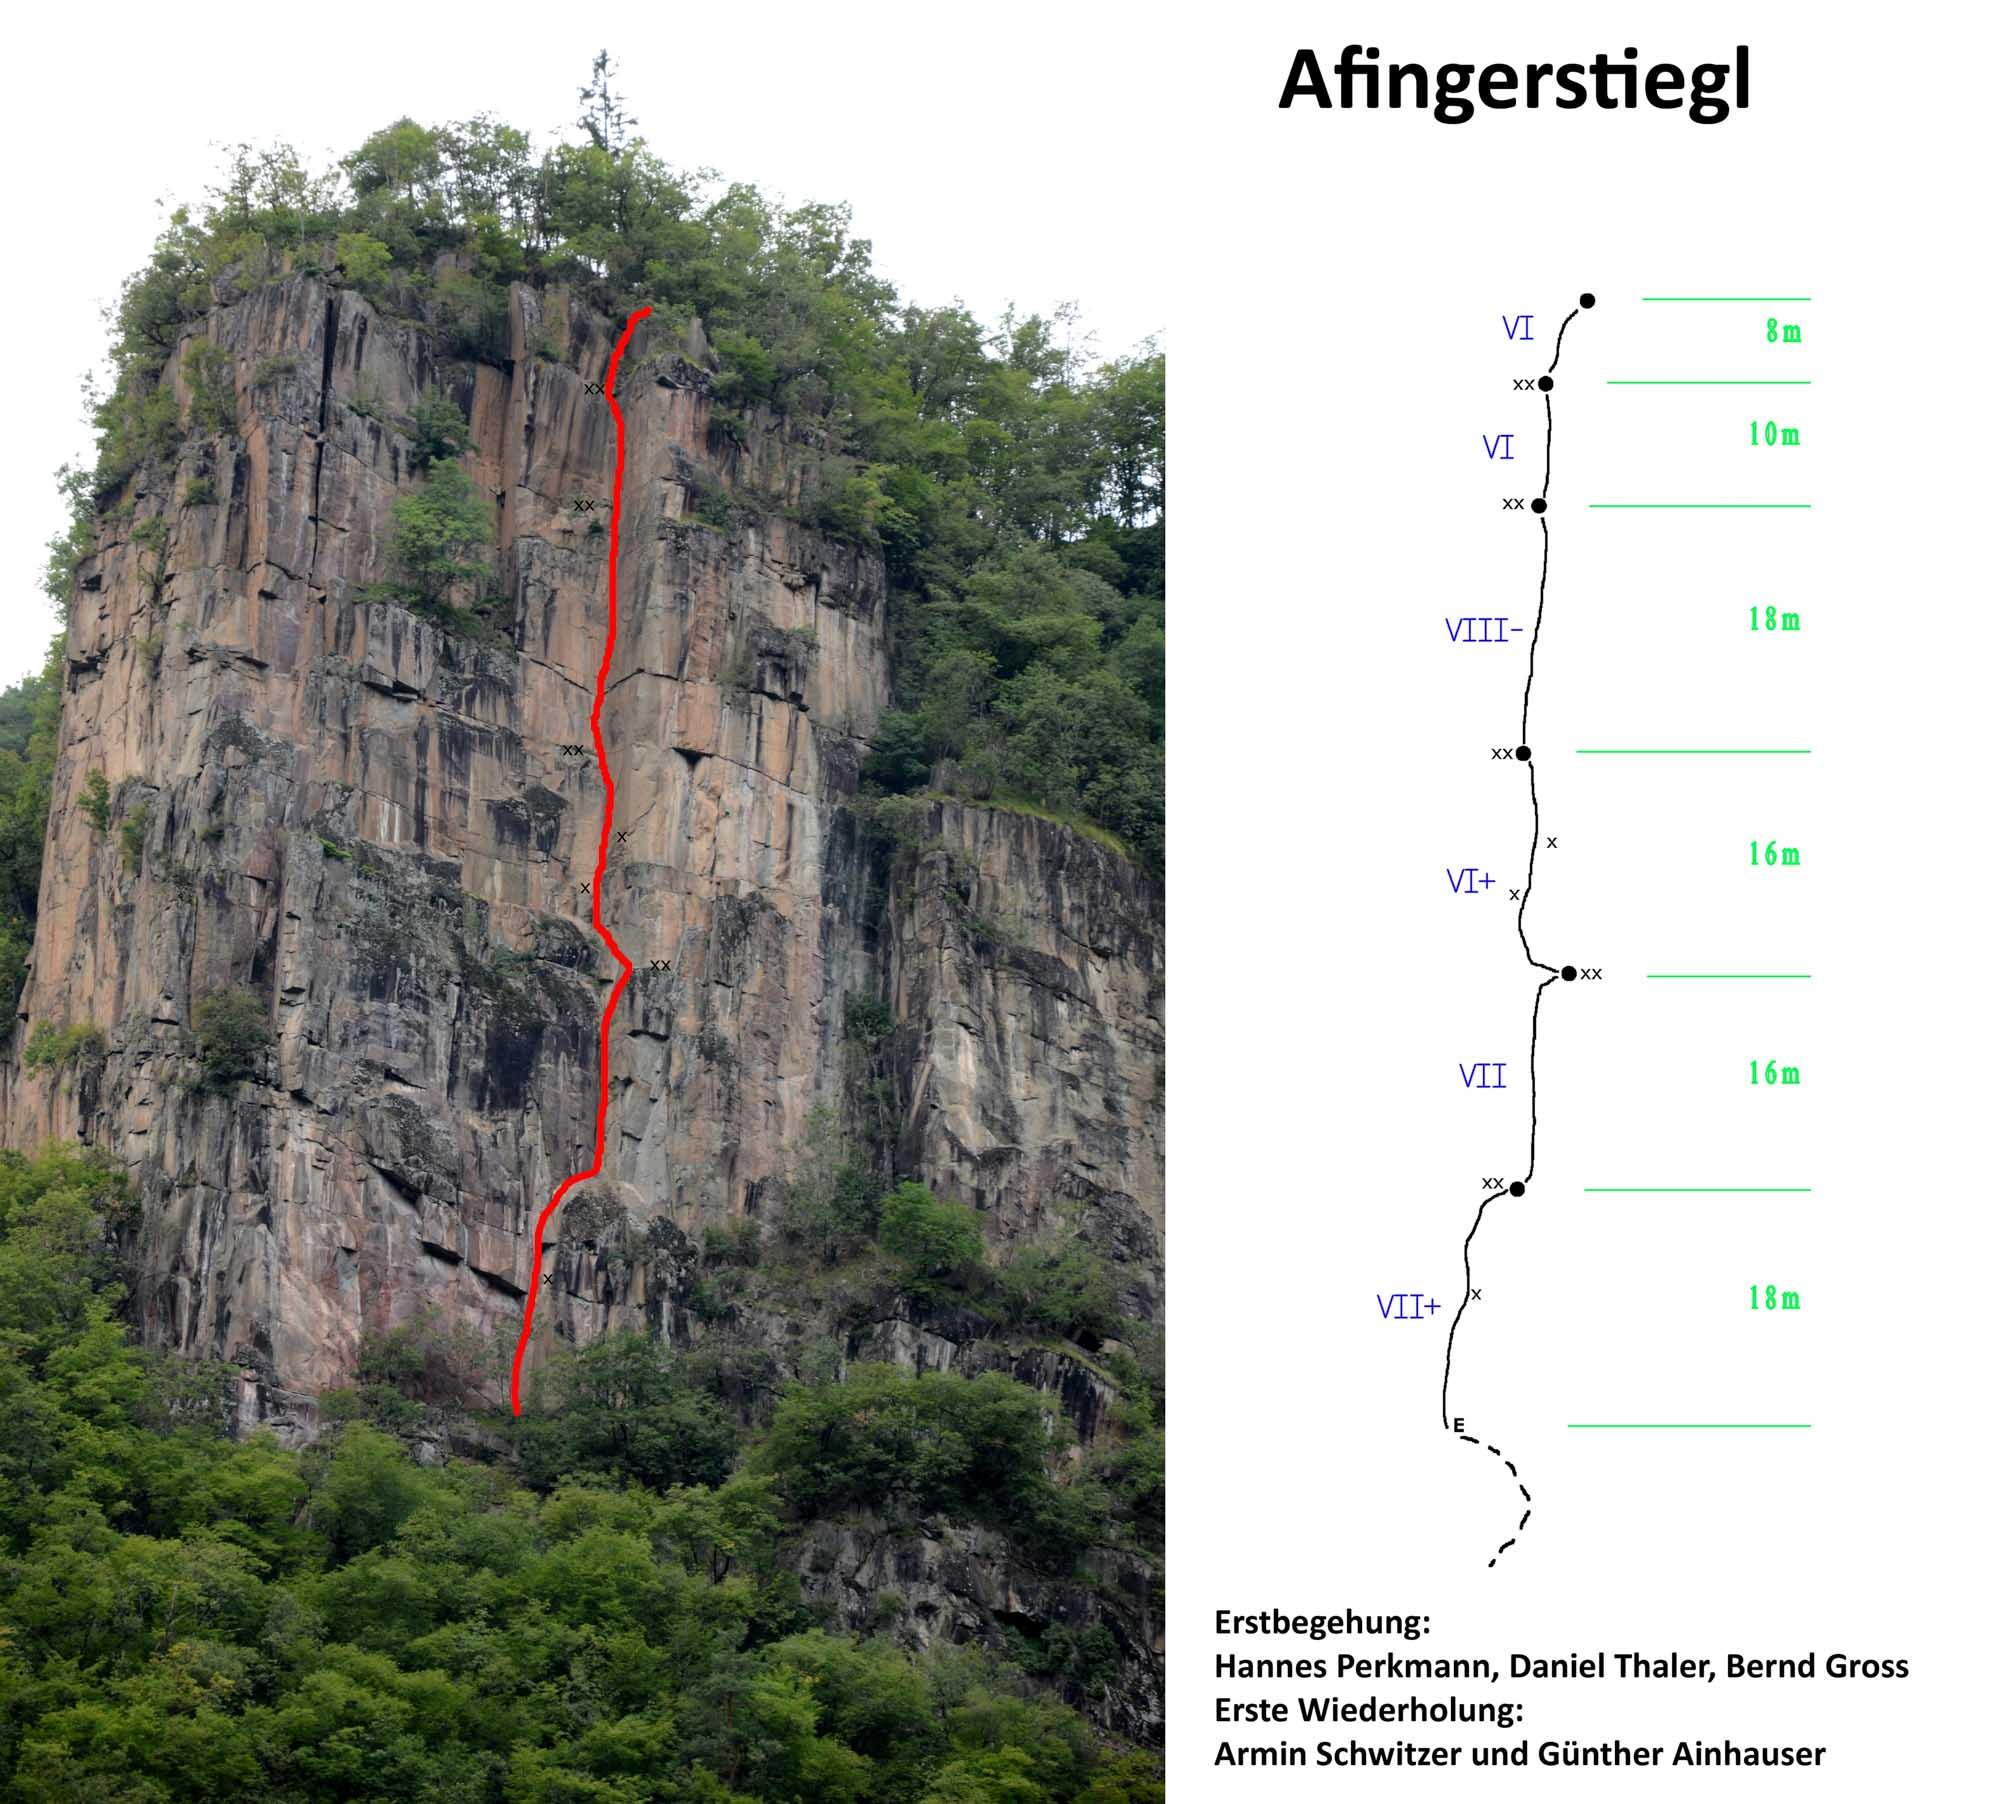 Afingerstiegl © Hannes Perkmann, Daniel Thaler und Bernd Gross